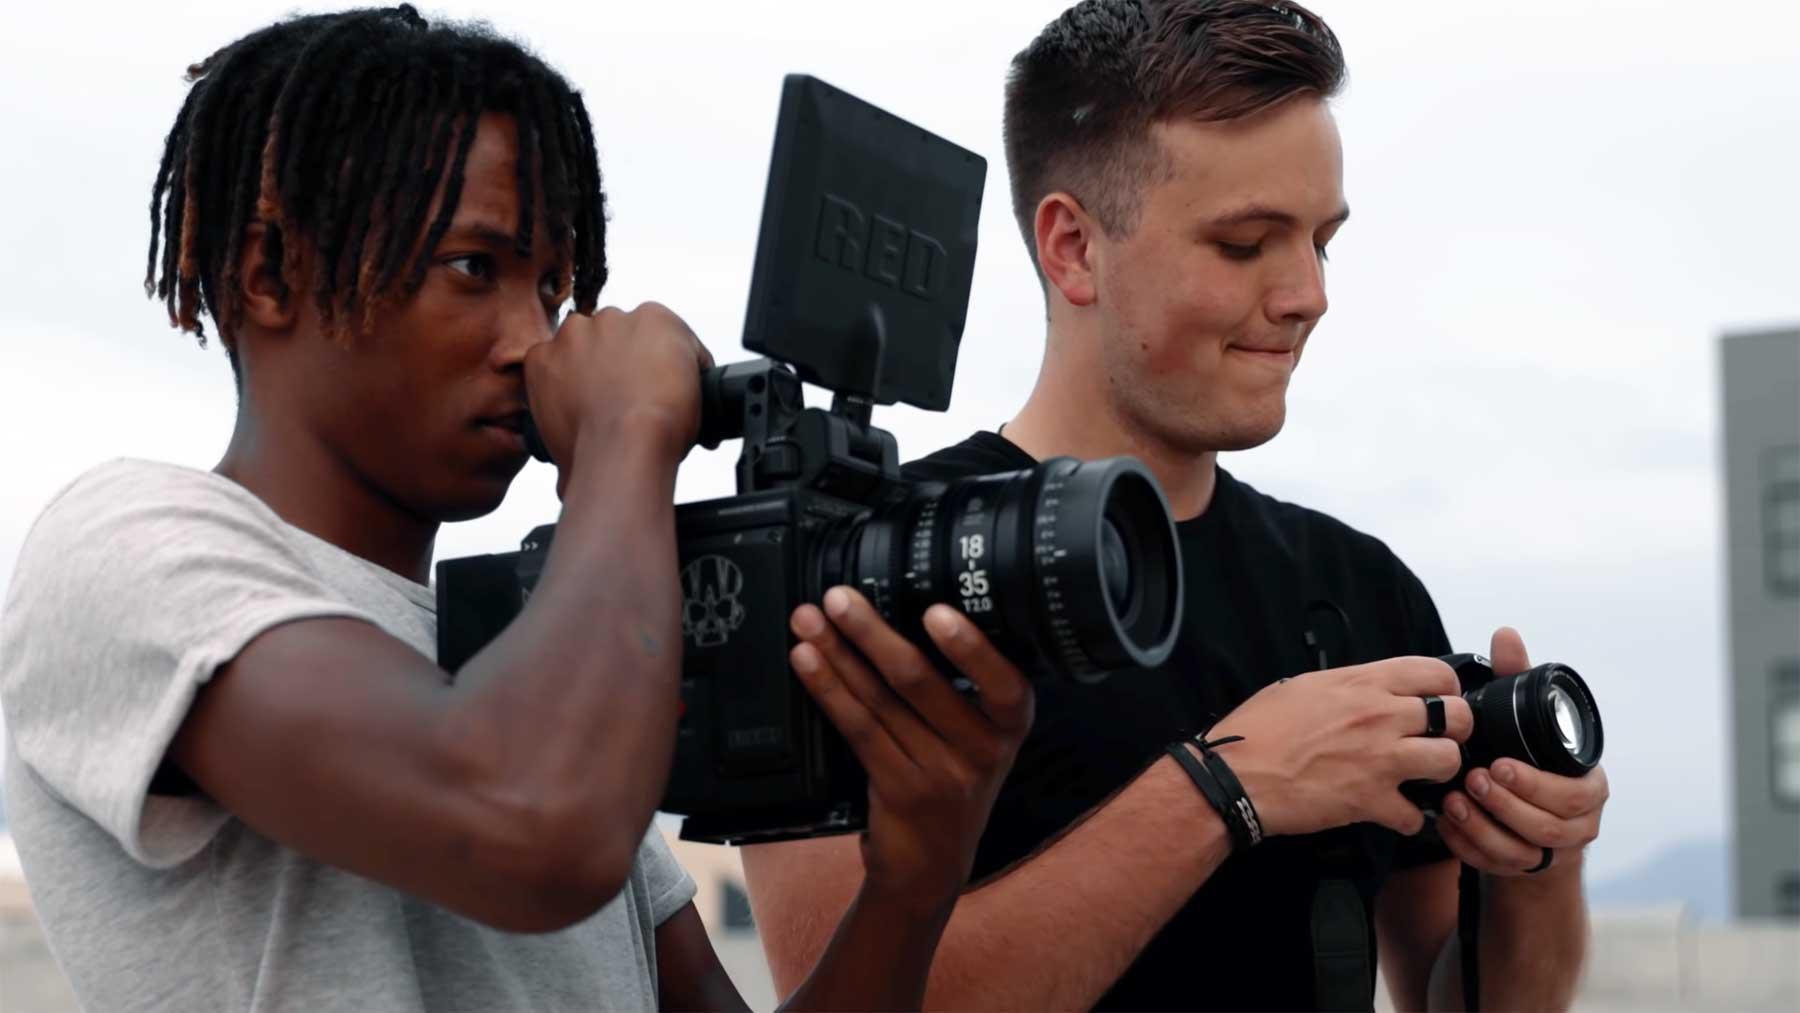 Anfänger mit $30,000-RED vs Profi mit $600-DSLR-Kamera